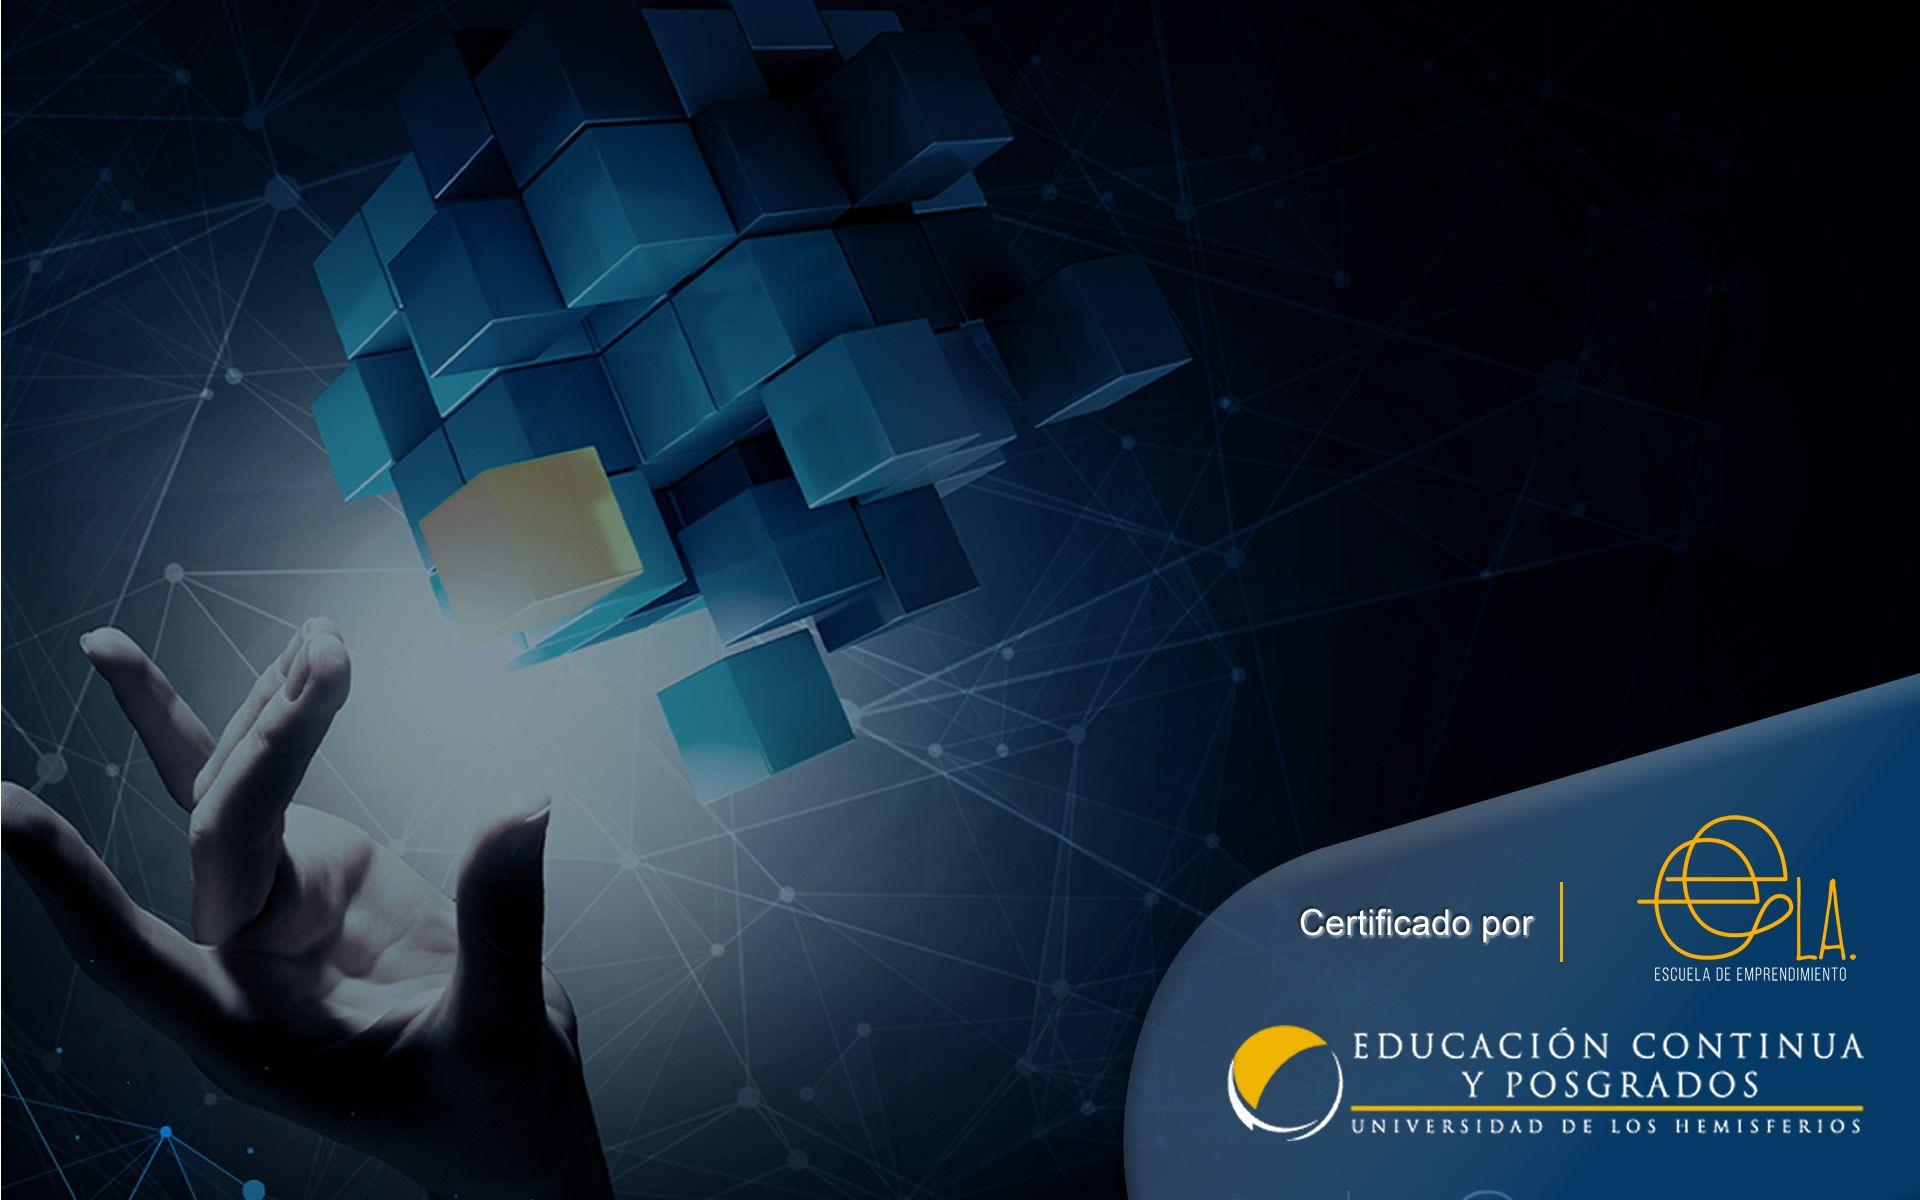 Programa Gerencial de Transformación Digital e Industria 4.0